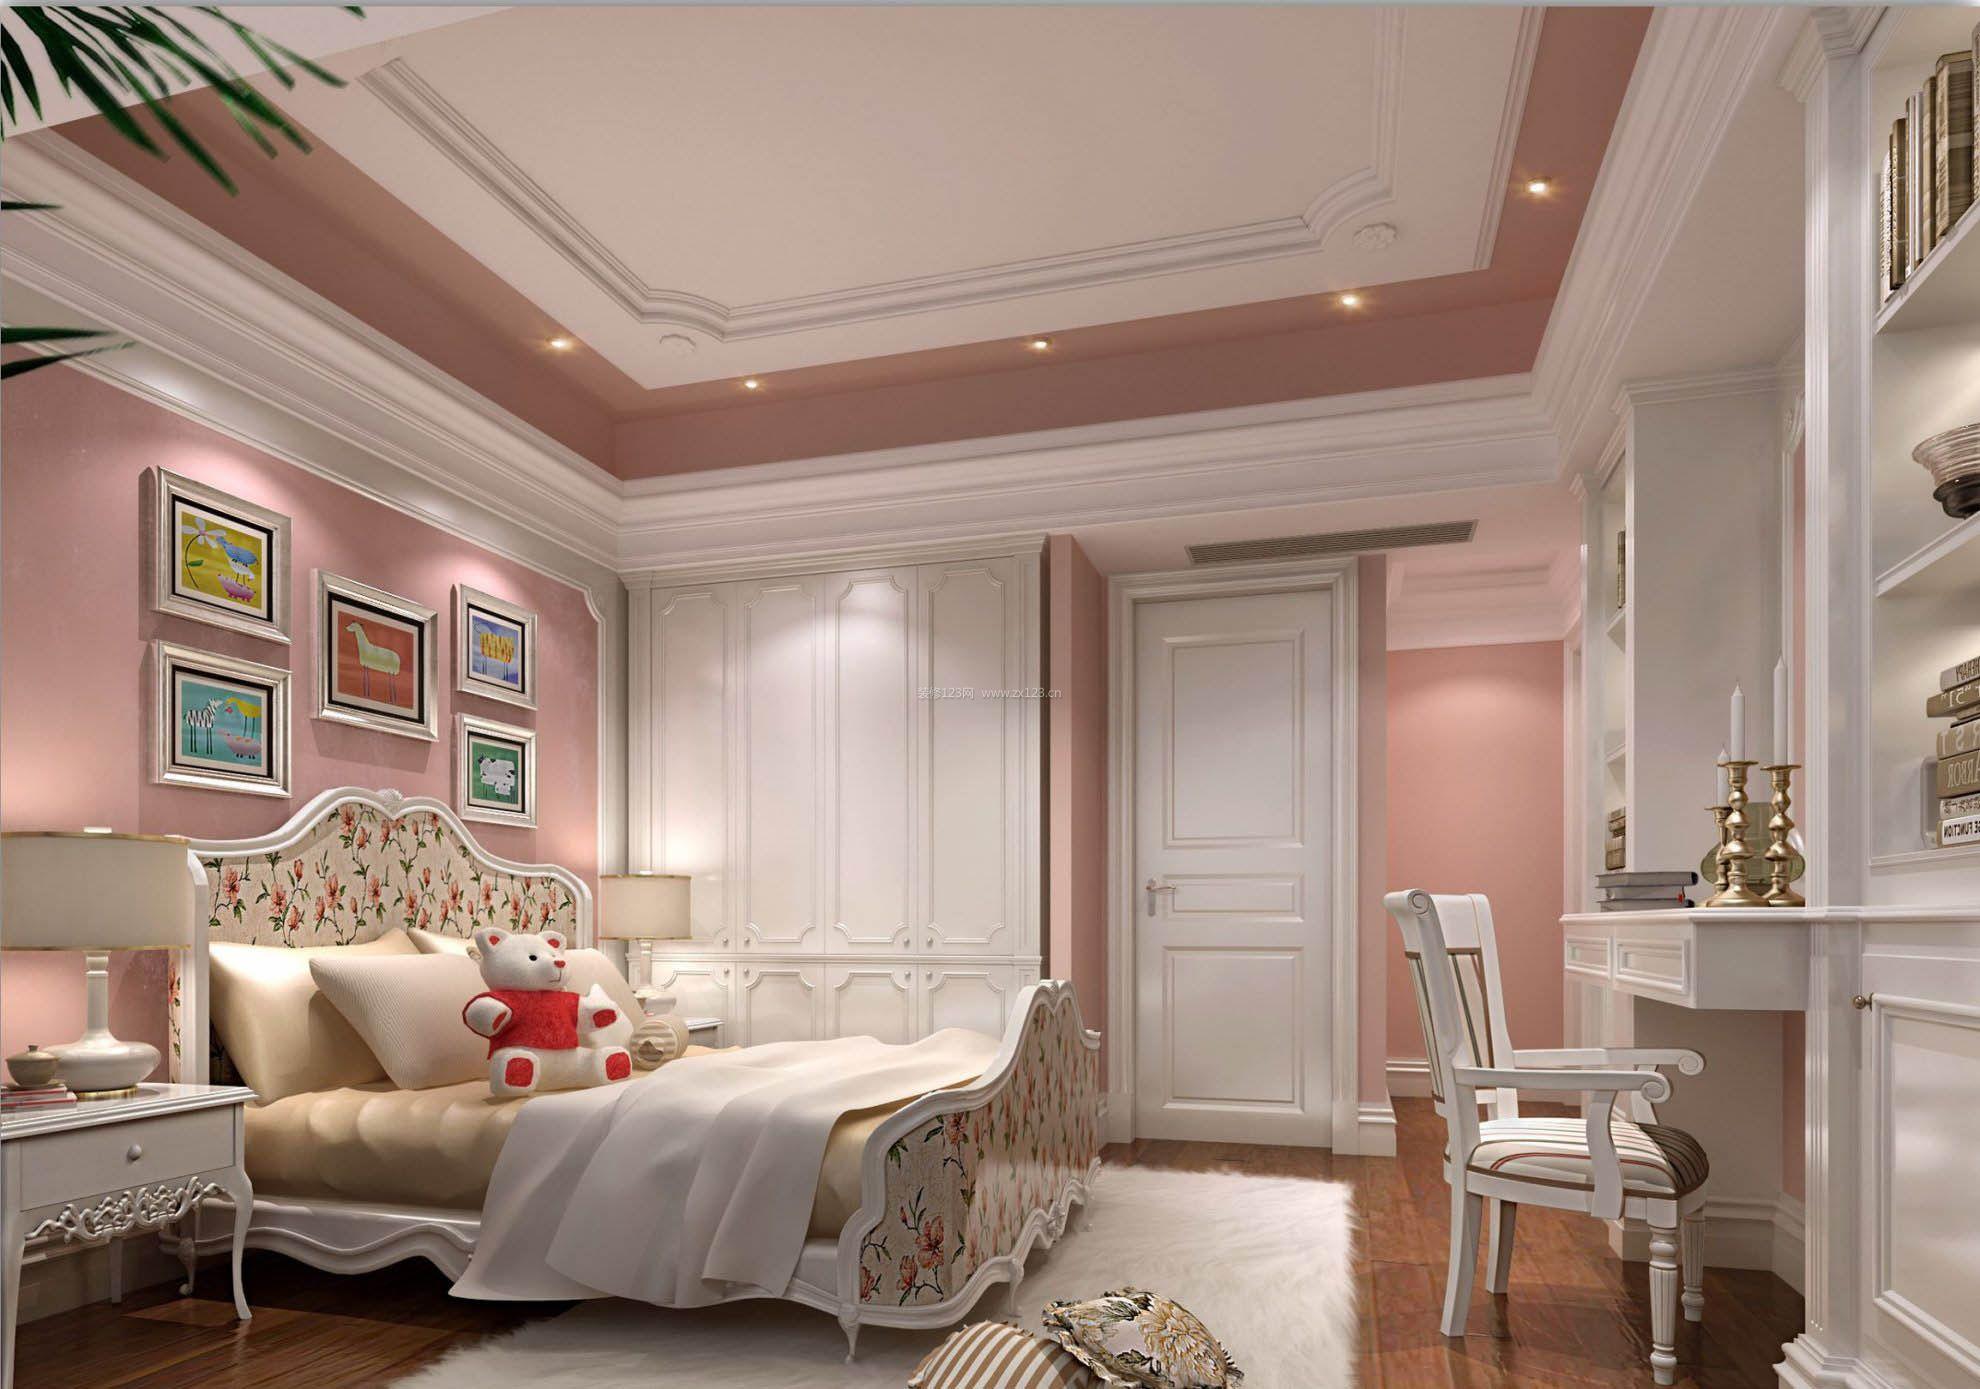 随着福利分房中的旧房调换和二级房产市场的繁荣,大量的旧房进入了装饰装修市场。其实,旧房具有一些共同的特点,可以对其中的一些项目加以重点改造。 1、对旧房墙、顶面的改造旧房装修的重点要放在装饰材料上。其中以墙面的涂料为典型,旧房的墙面顶面基层经过长年使用会出现不同程度的开裂、粉化、生霉等现象,这些现象如解决不当,会使后刷的涂料也出现颜色不均、表面粗糙和起皮的不良后果。